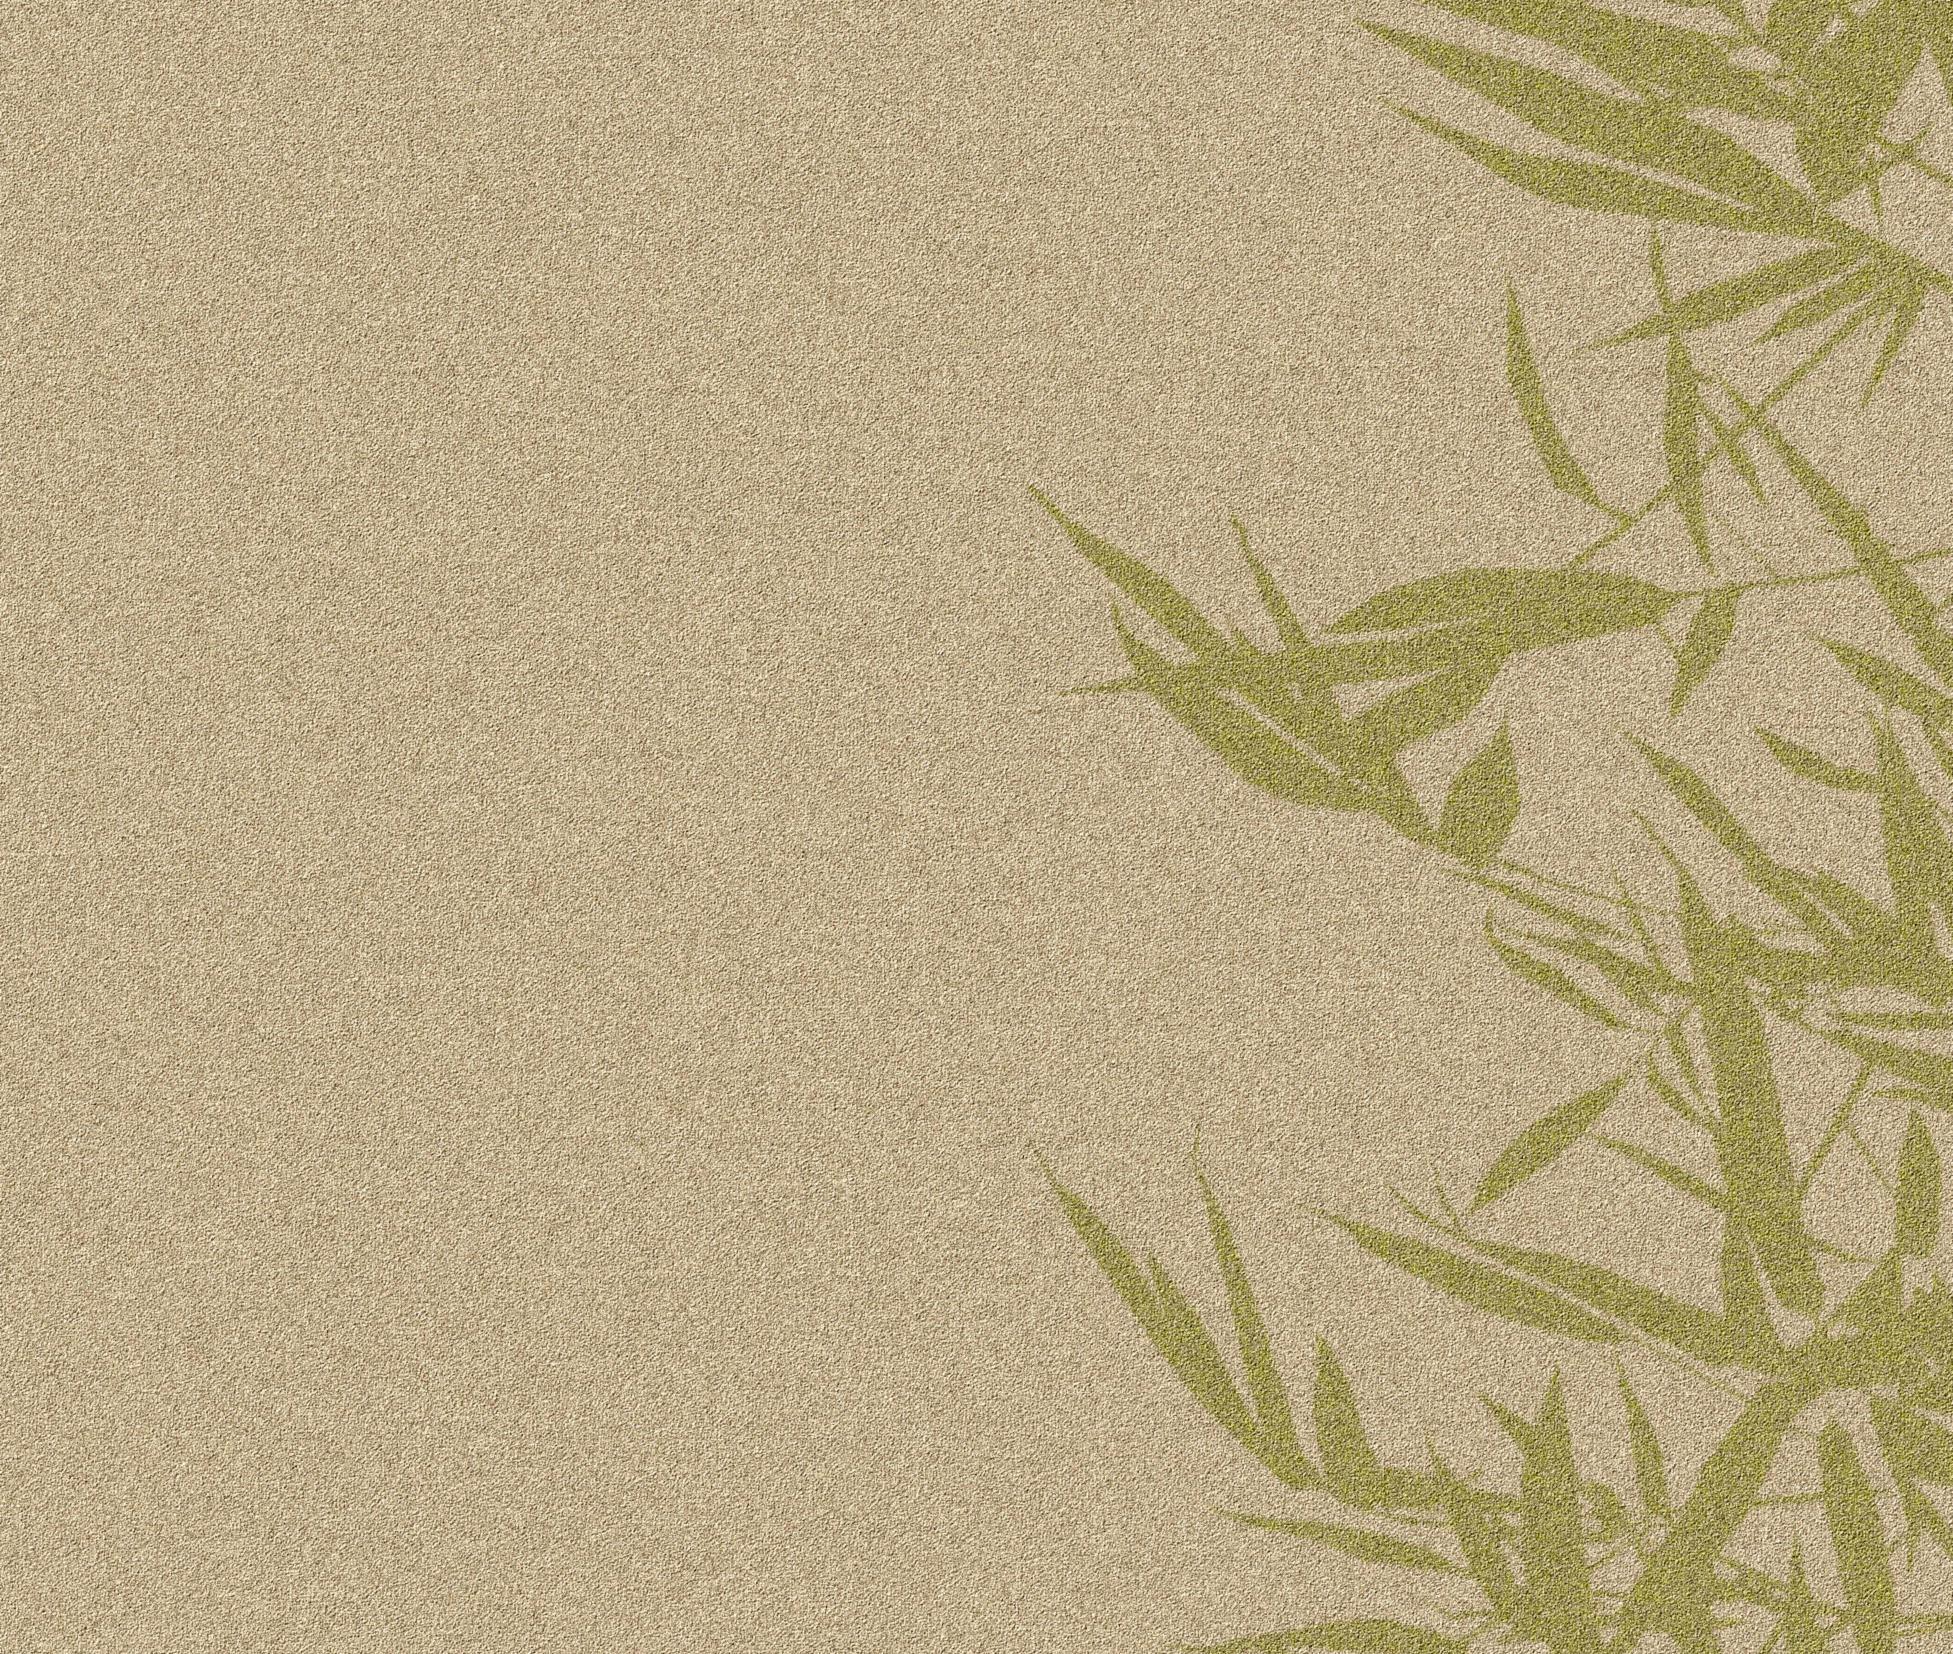 Sense rf52751343 moquettes de ege architonic for Moquette ege